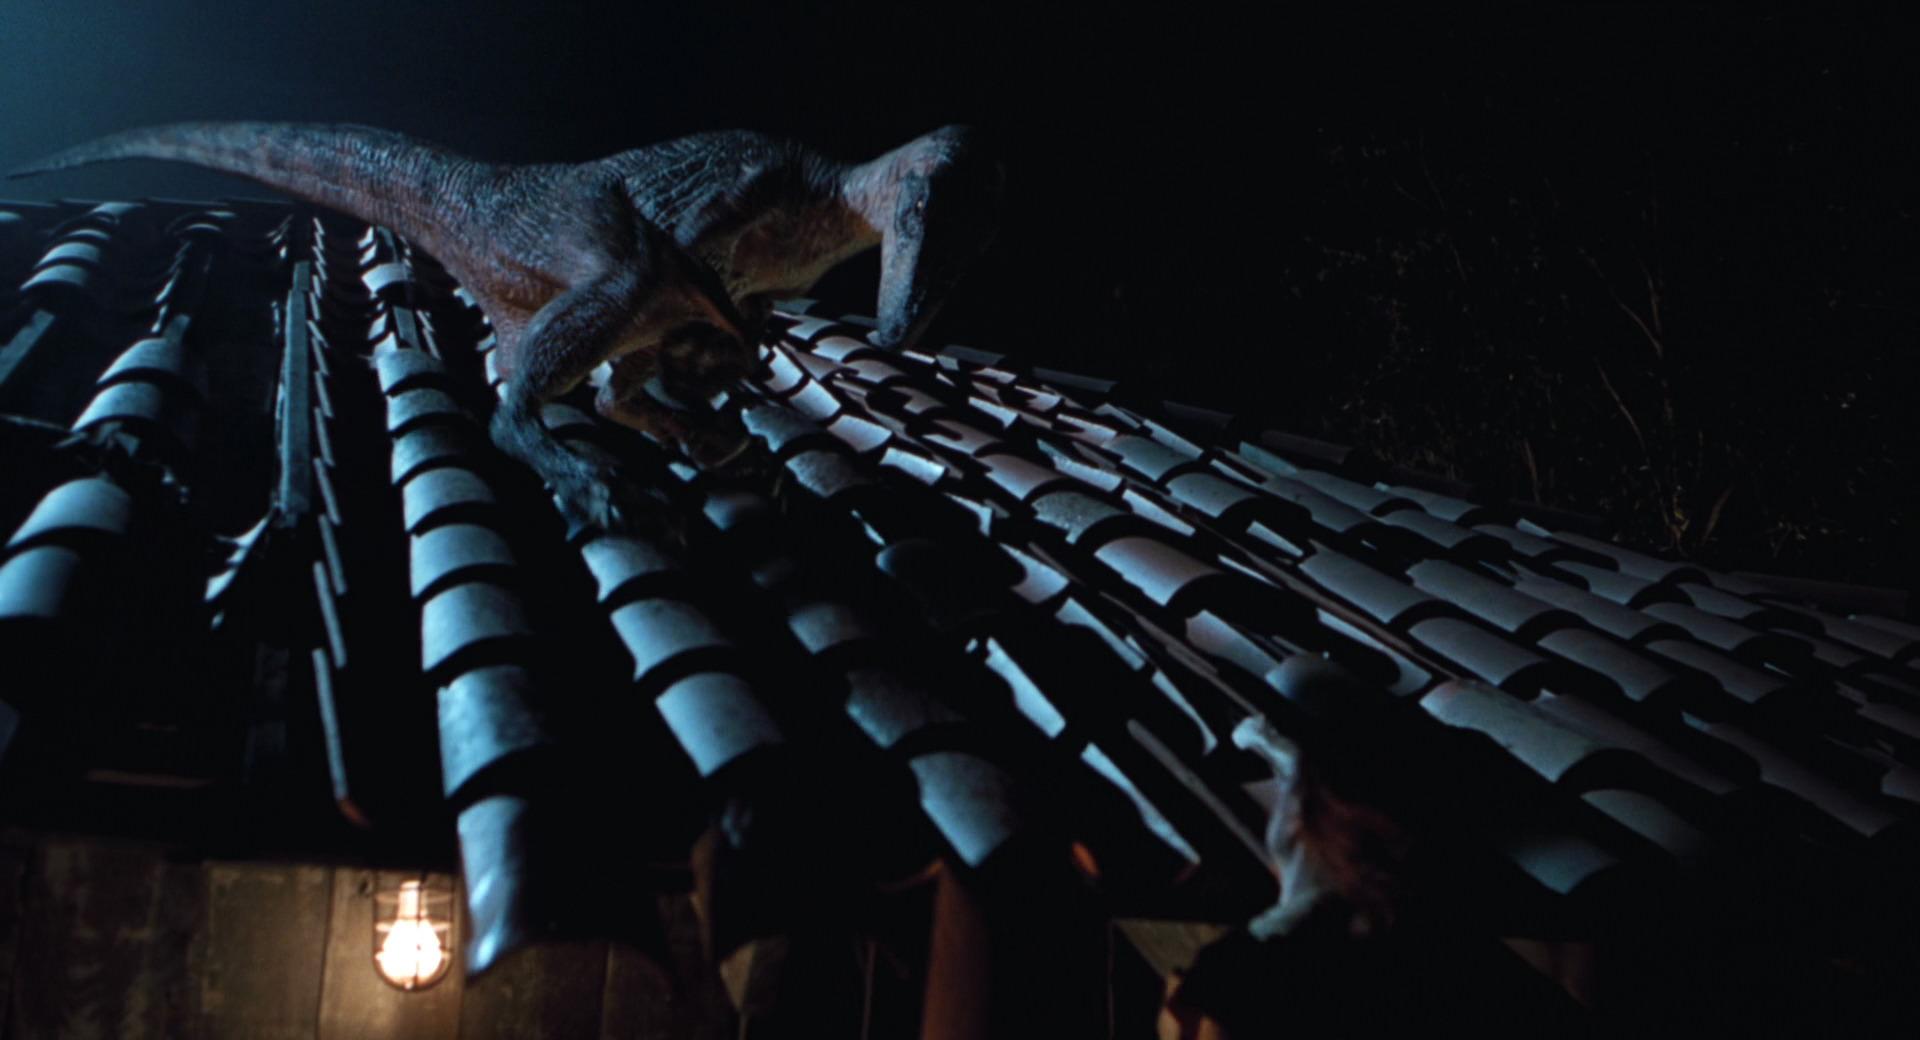 The Lost World Jurassic Park Screencaps are here Jurassic-lost-world-movie-screencaps.com-11584